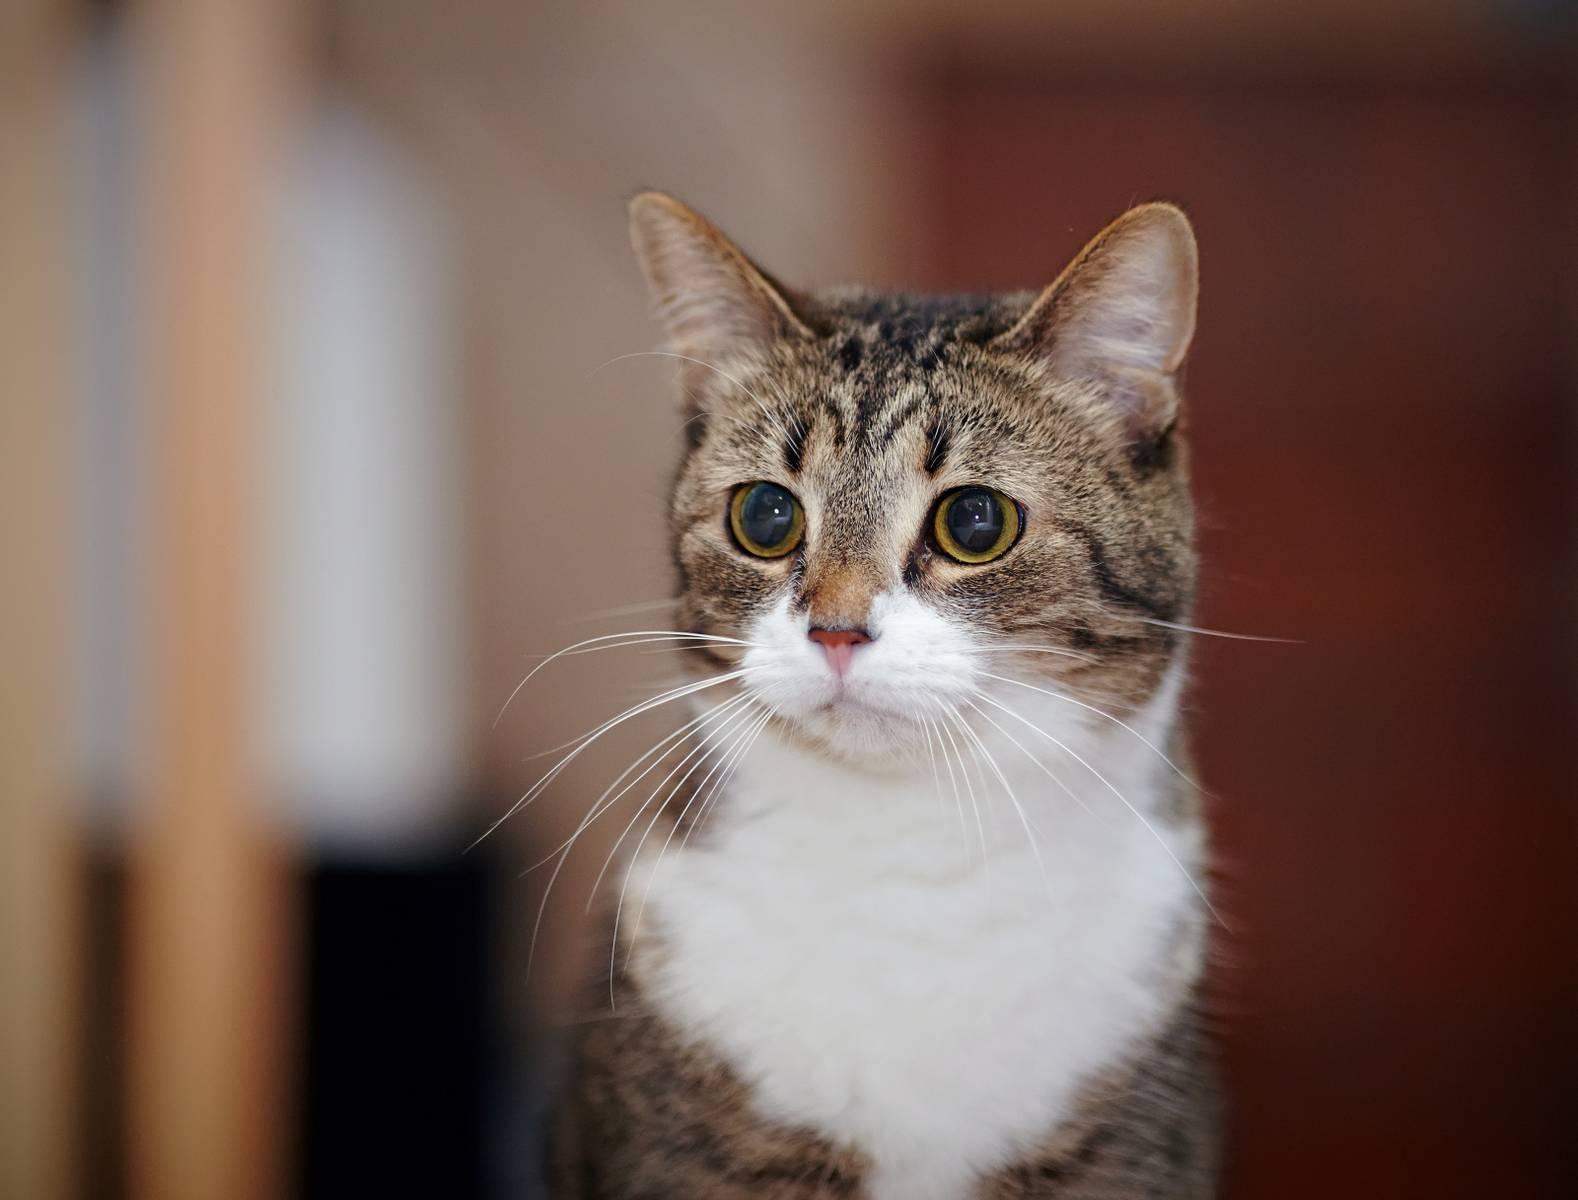 Кастрация кота: показания, особенности операции, уход за питомцем